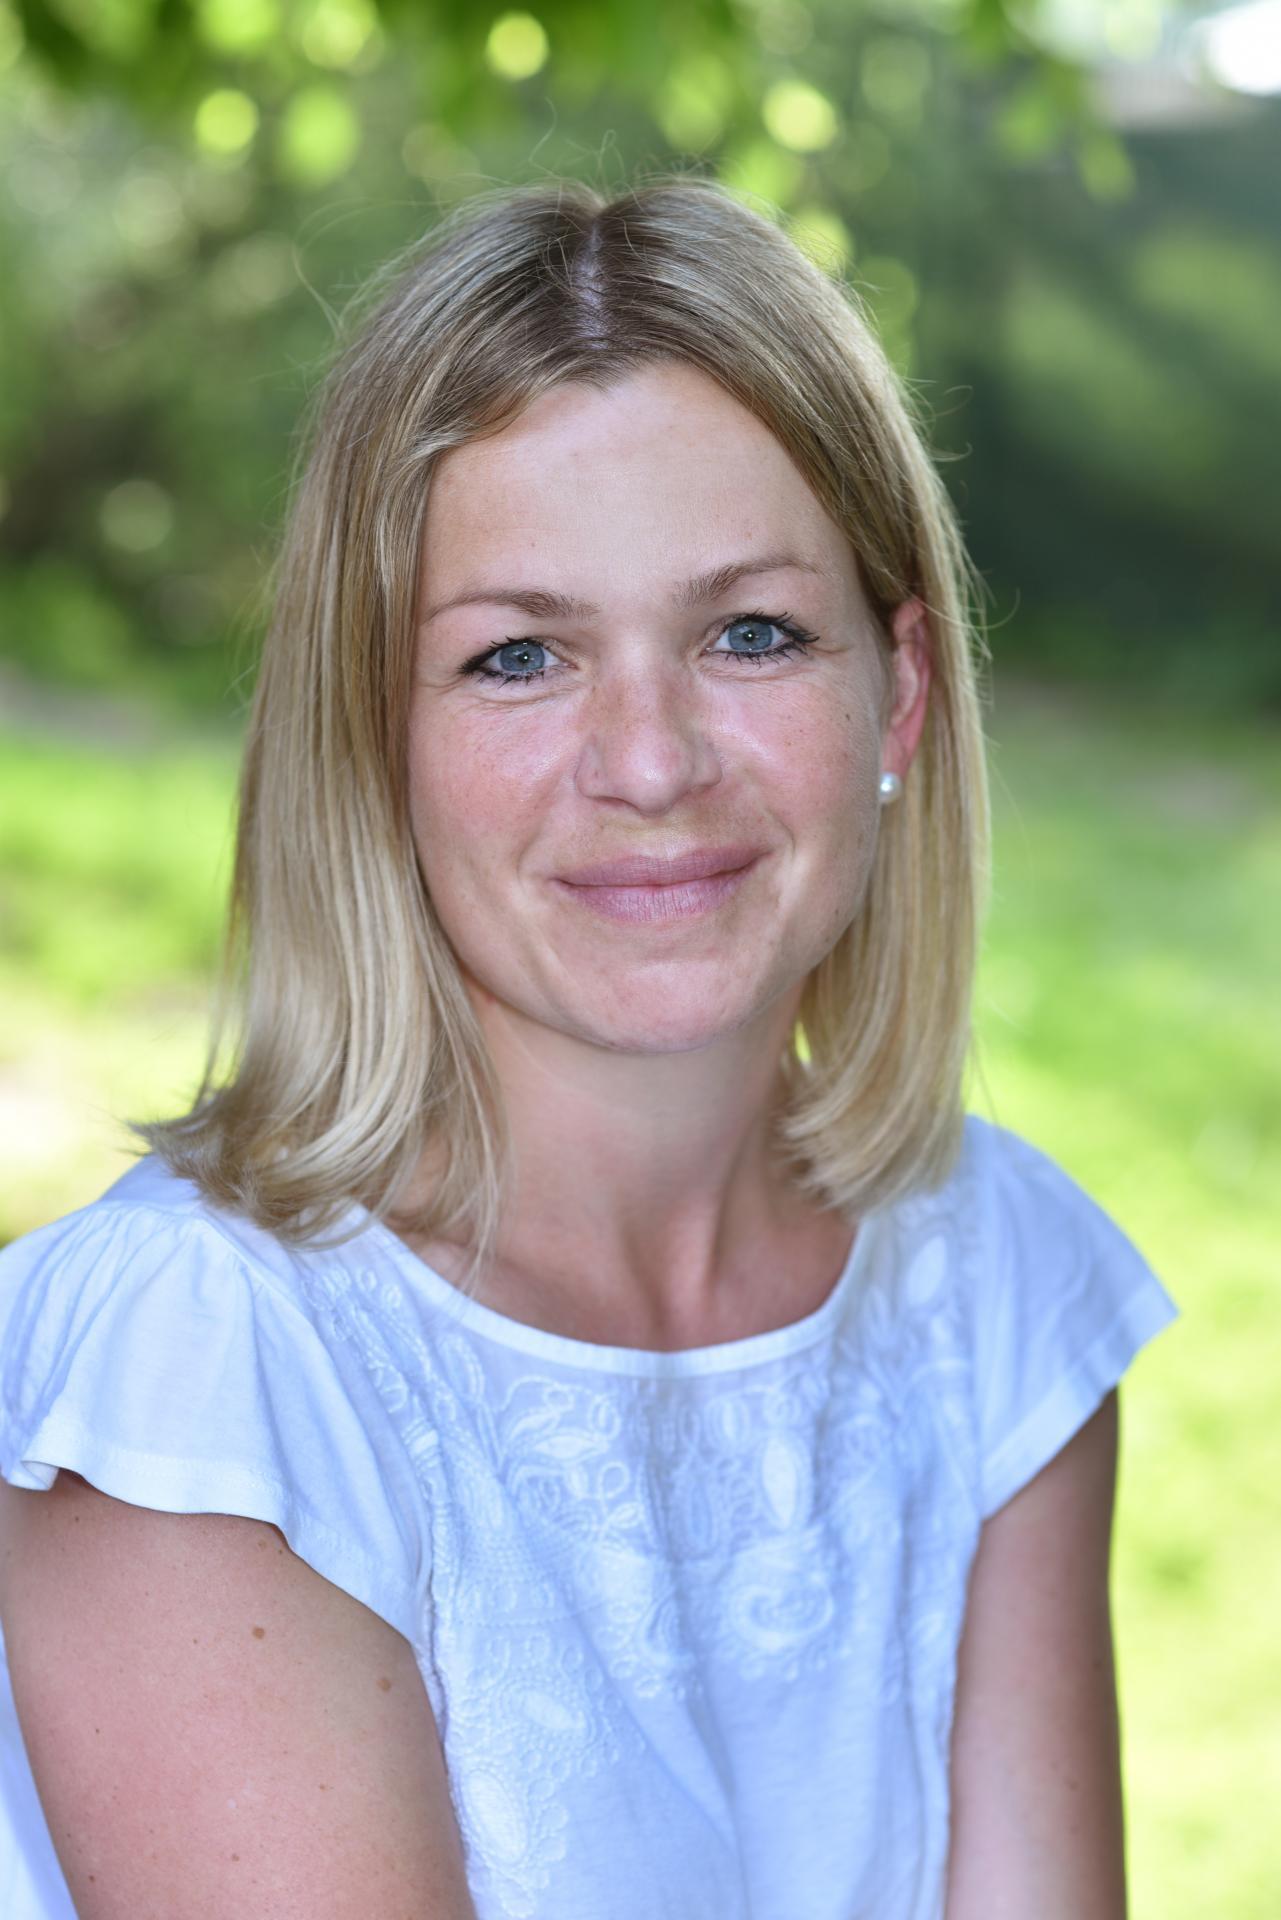 Kristin Mielcke